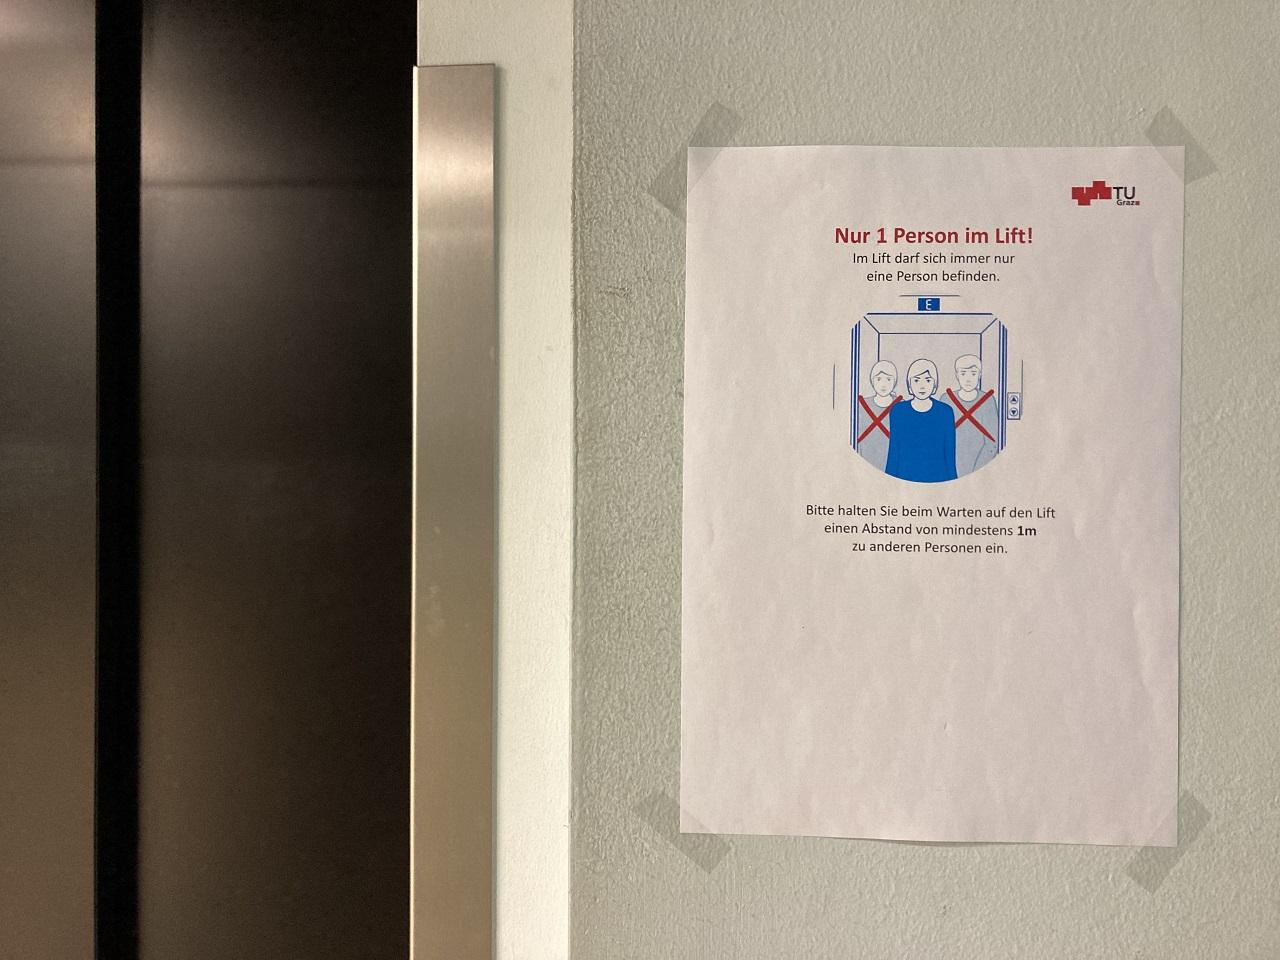 Ein Hinweis informiert, dass nur jeweils eine Person den Lift benutzen darf. An der TU Graz.